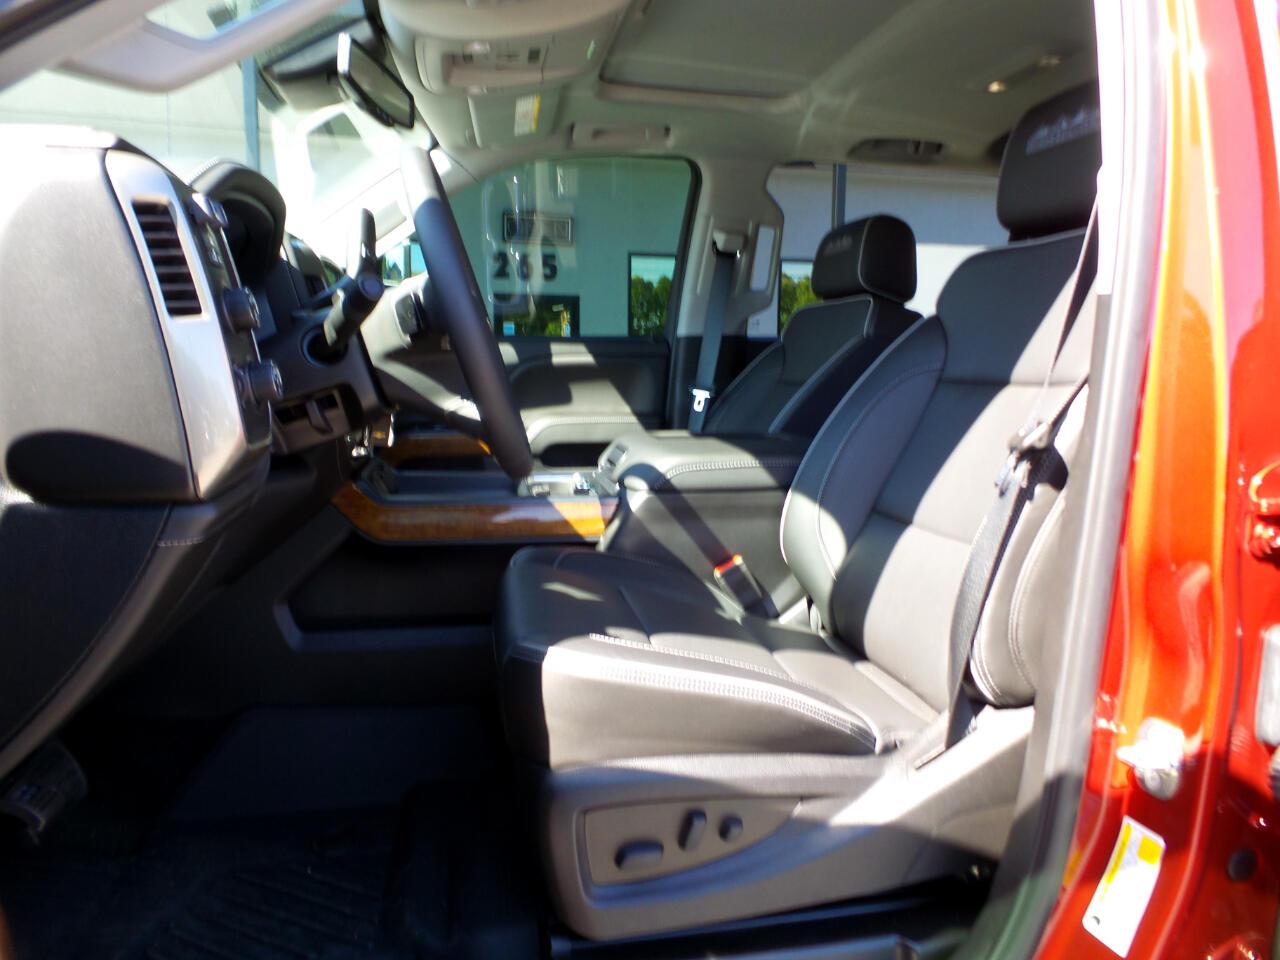 2018 Chevrolet Silverado 2500HD High Country Crew Cab 4WD